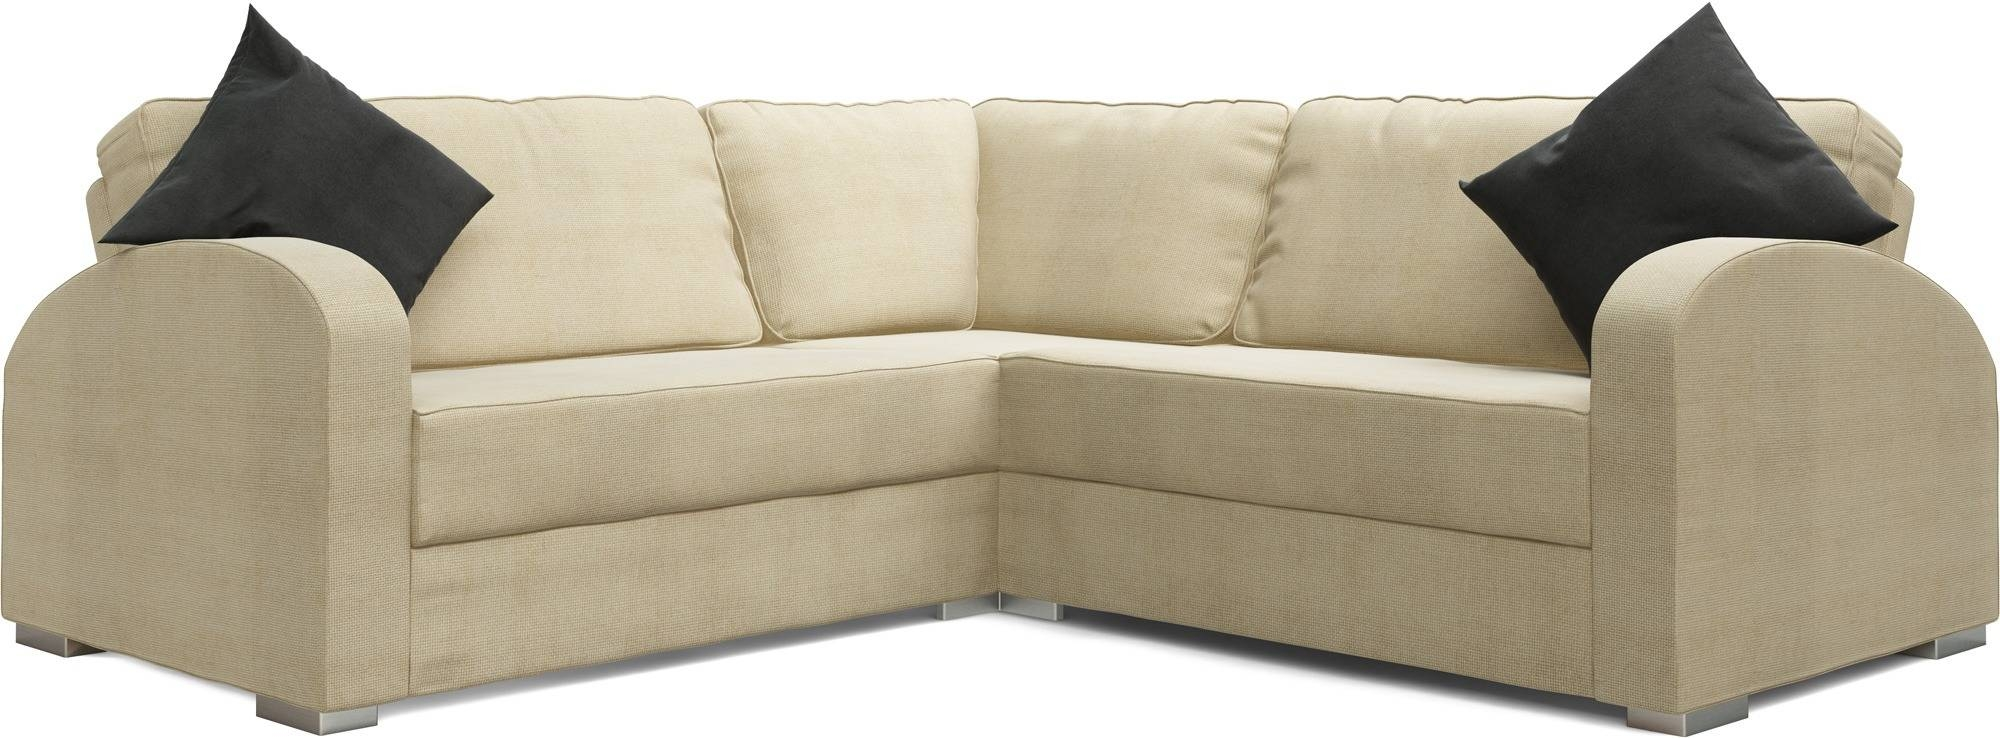 Sofa Single Corner Shelves Arm Shelf Seat | Clicpilot inside 2X2 Corner Sofas (Image 22 of 30)